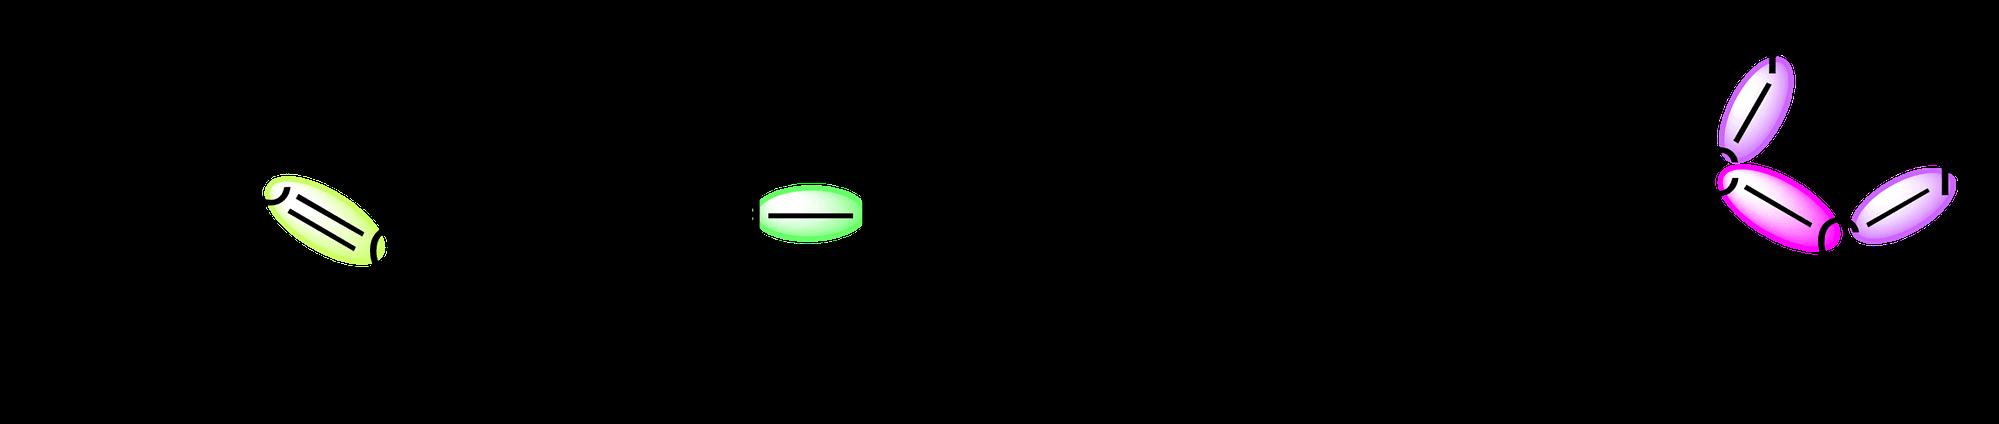 un proceso metabólico